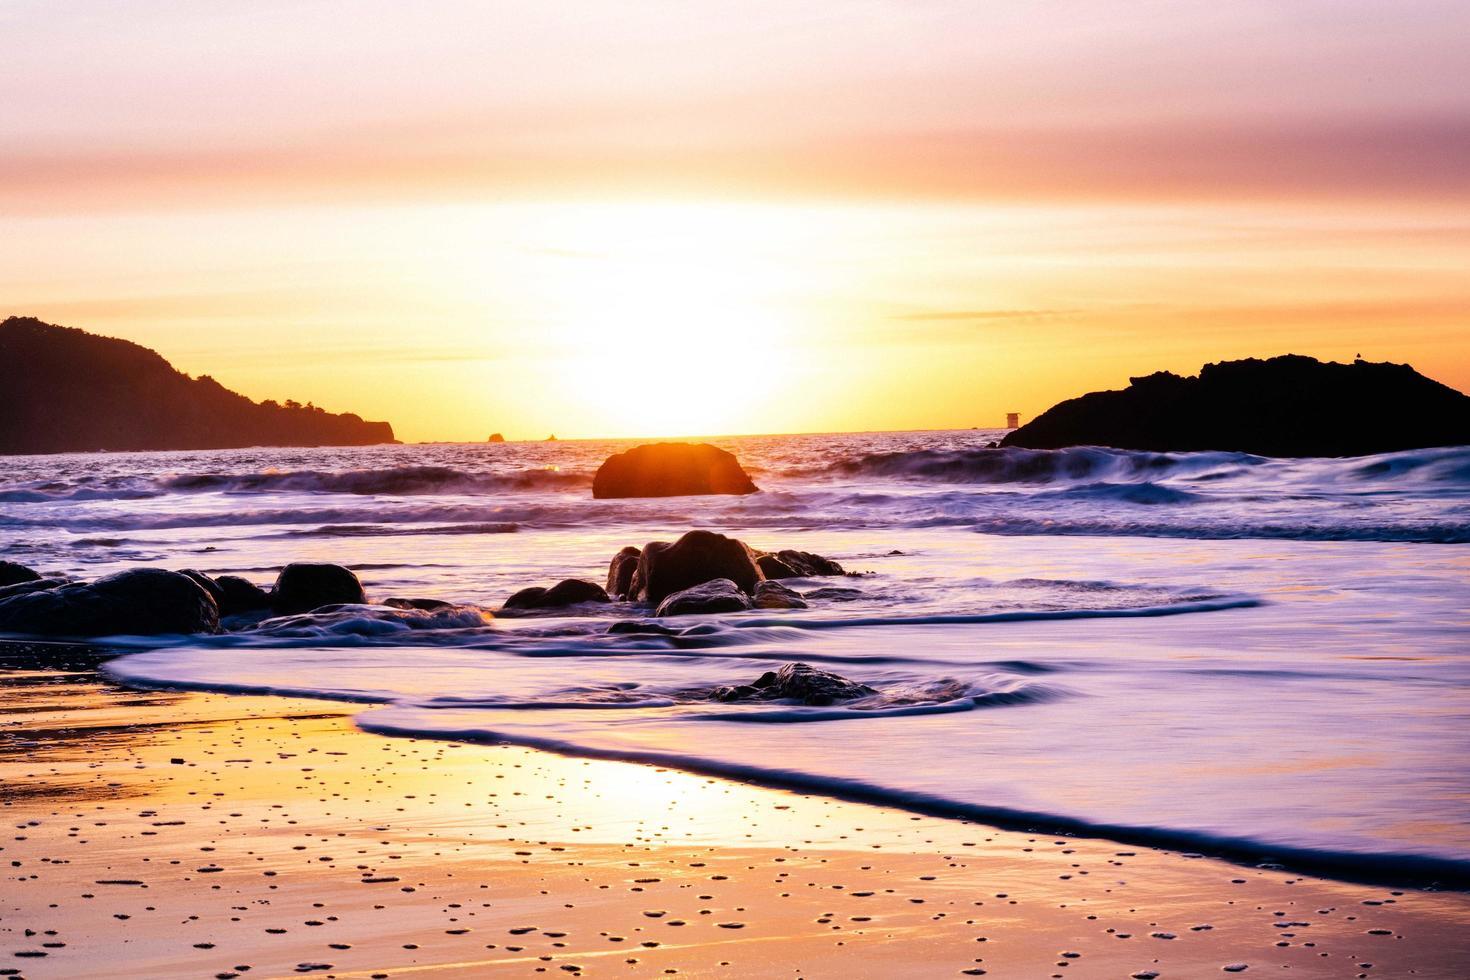 tramonto sopra l'orizzonte su una spiaggia foto